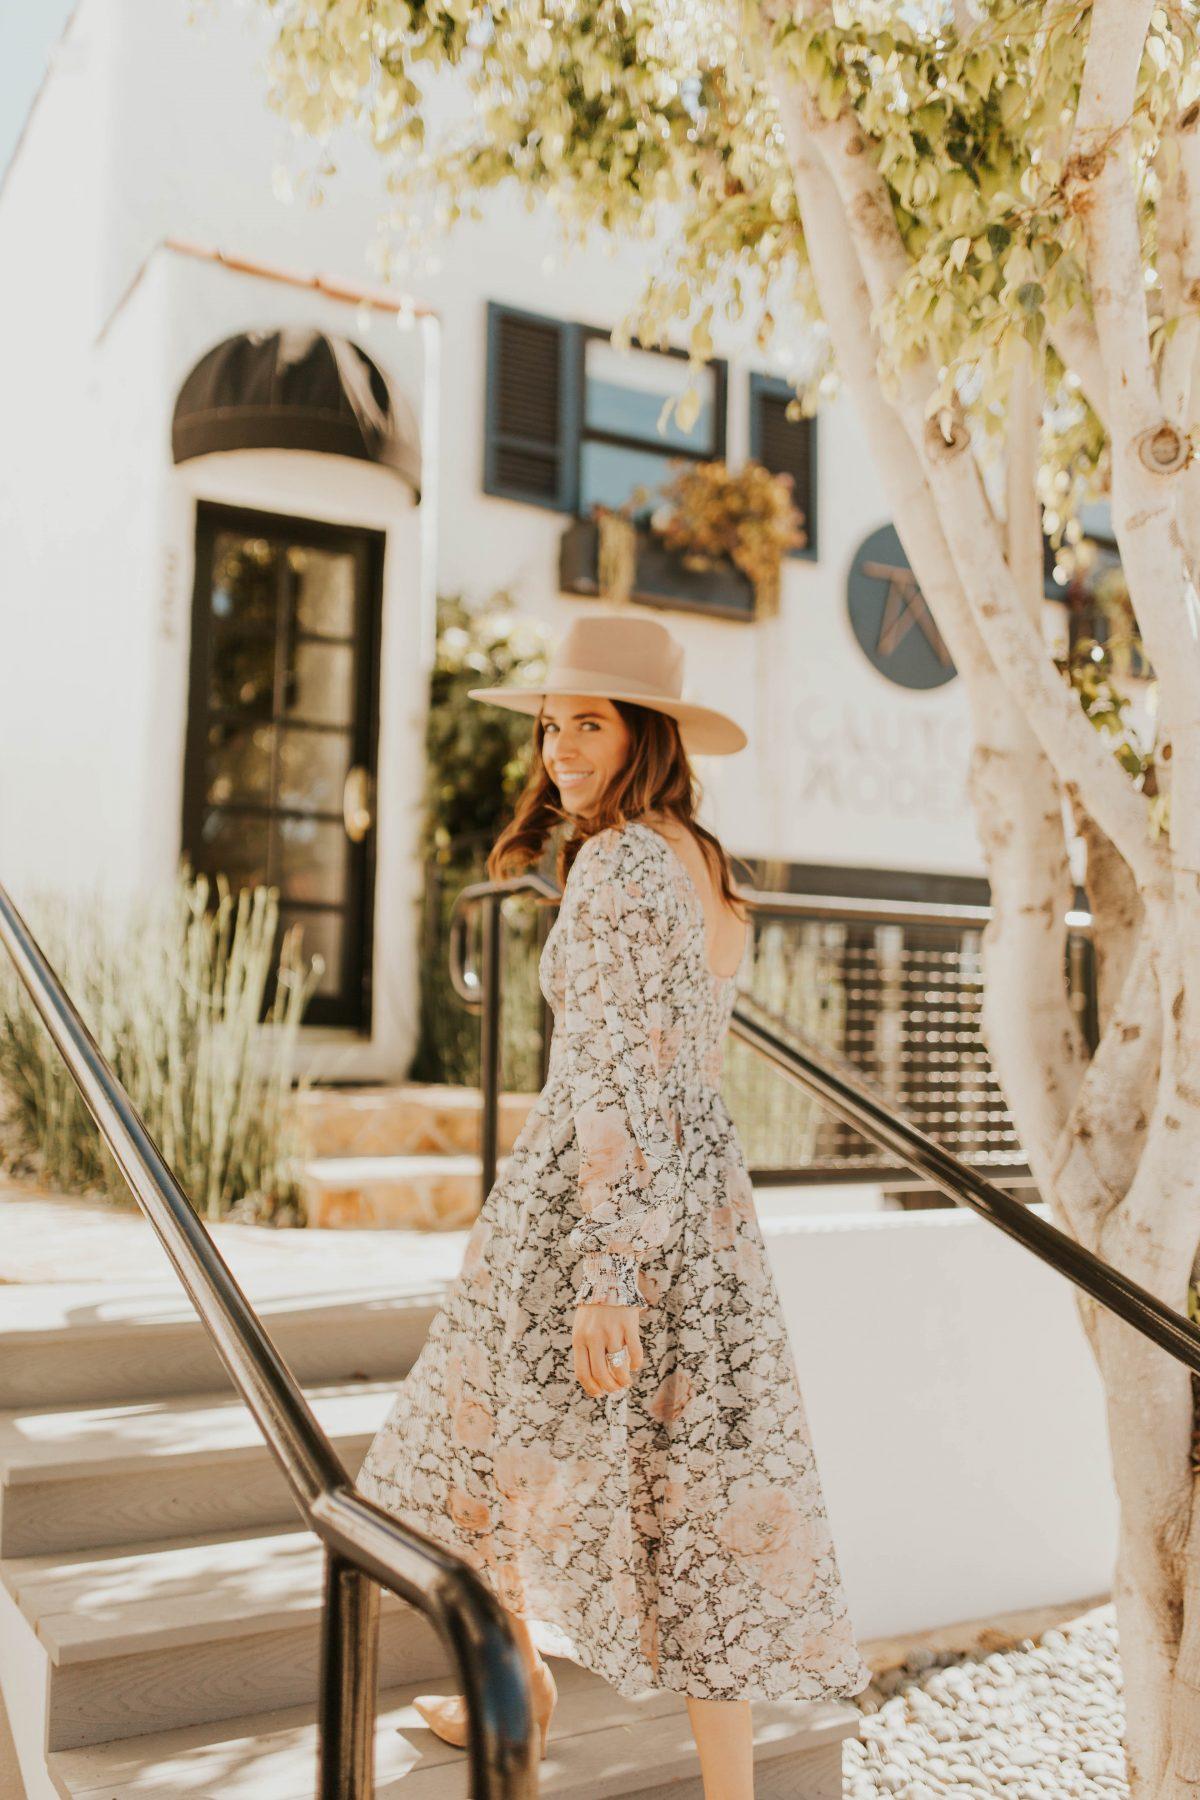 Почему шляпа-федора — это модно?